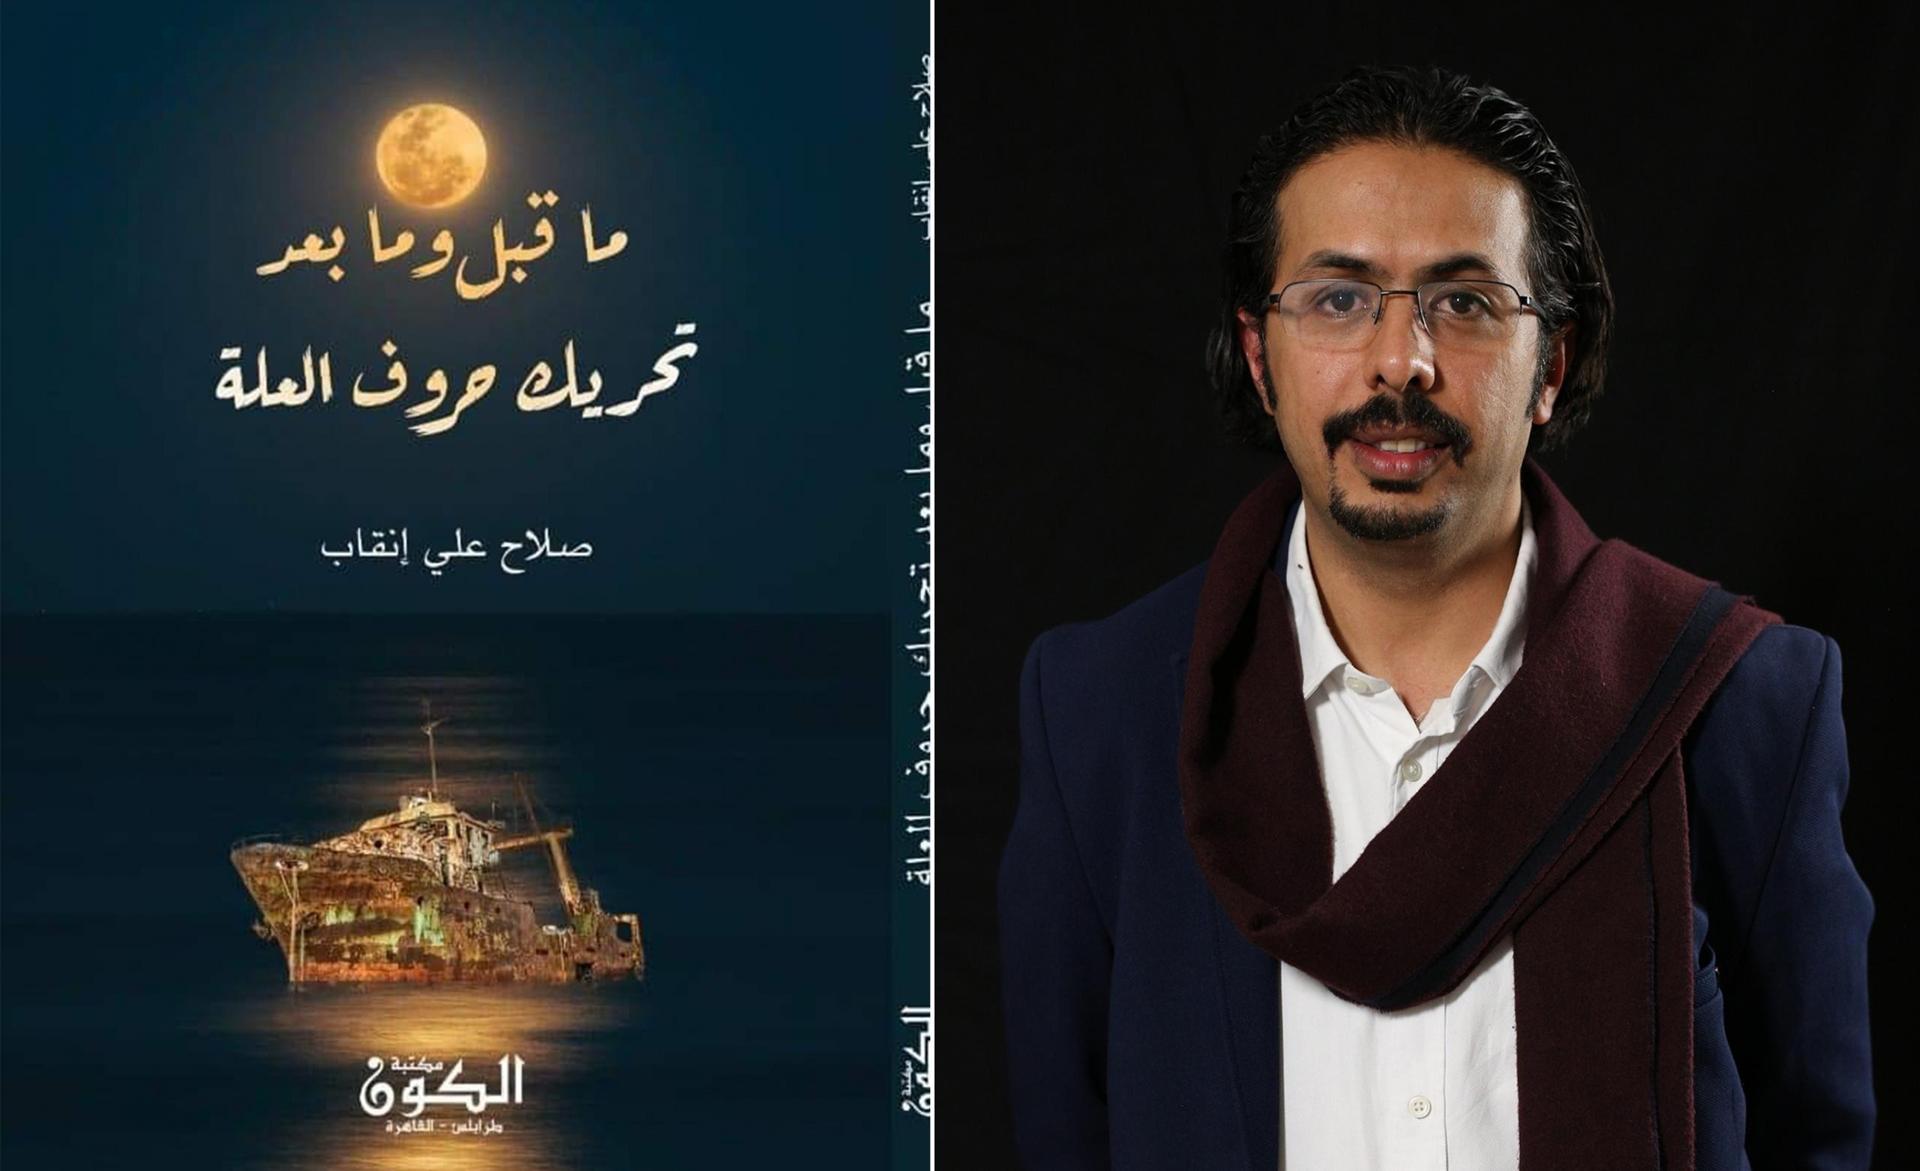 الكاتب الليبي صلاح إنقاب يعلن صدور أول كتبه